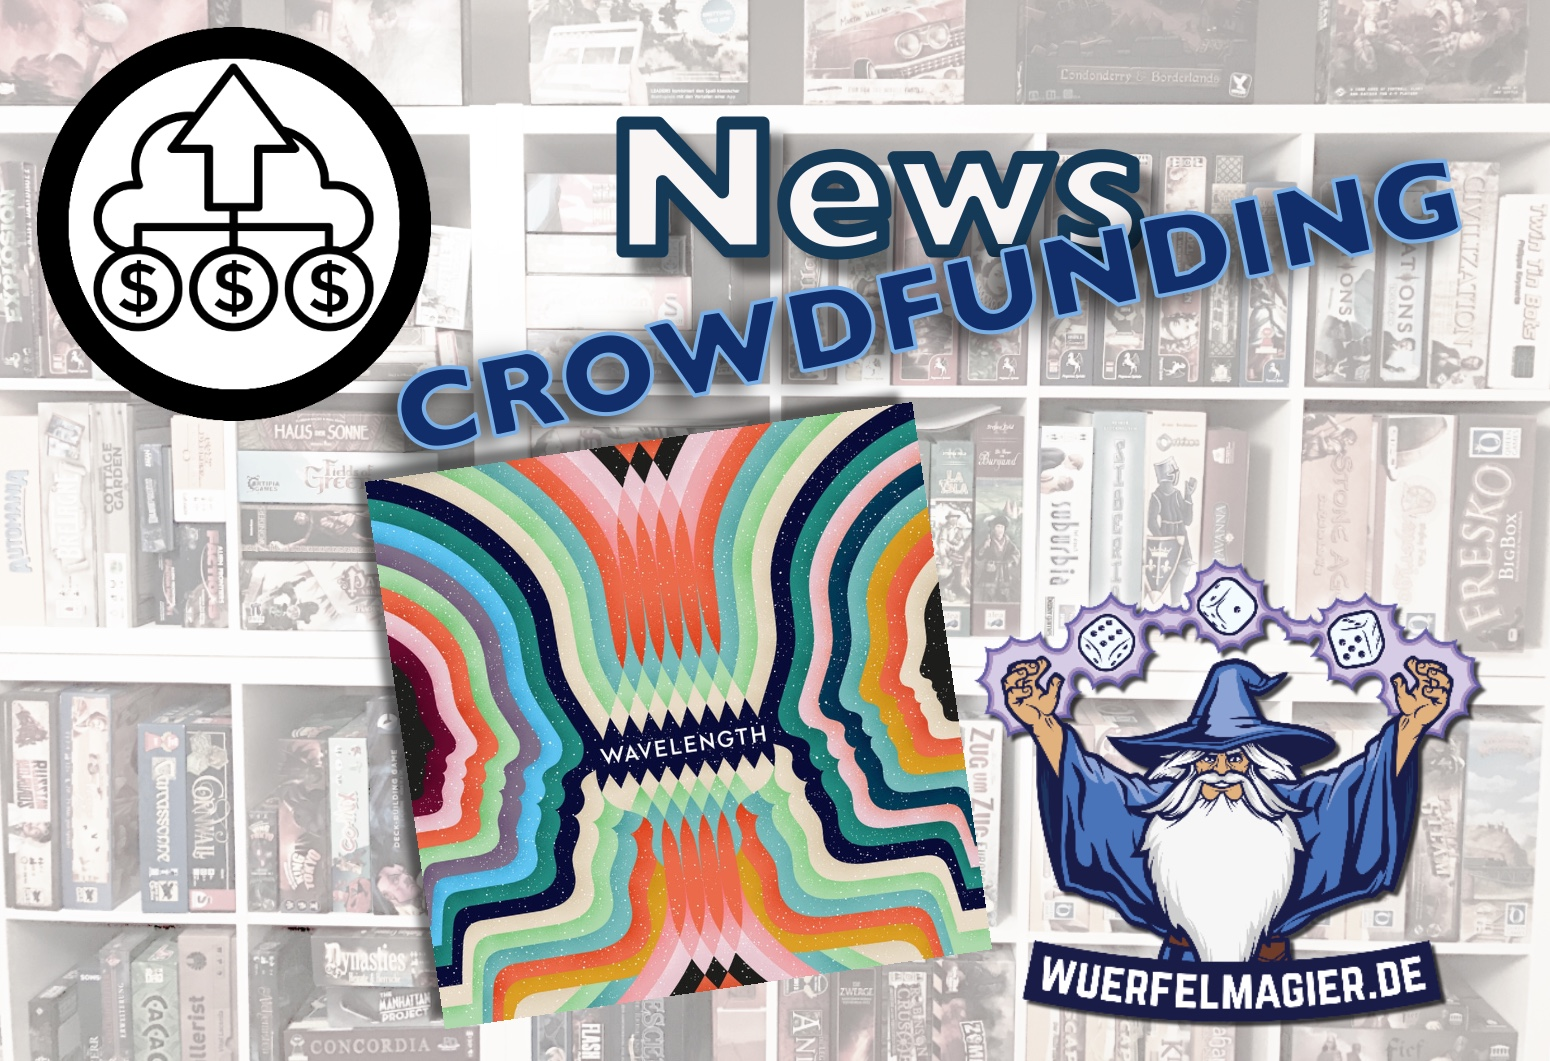 Wuerfelmagier Würfelmagier Crowdfunding News Wavelength Woflgang Warsch